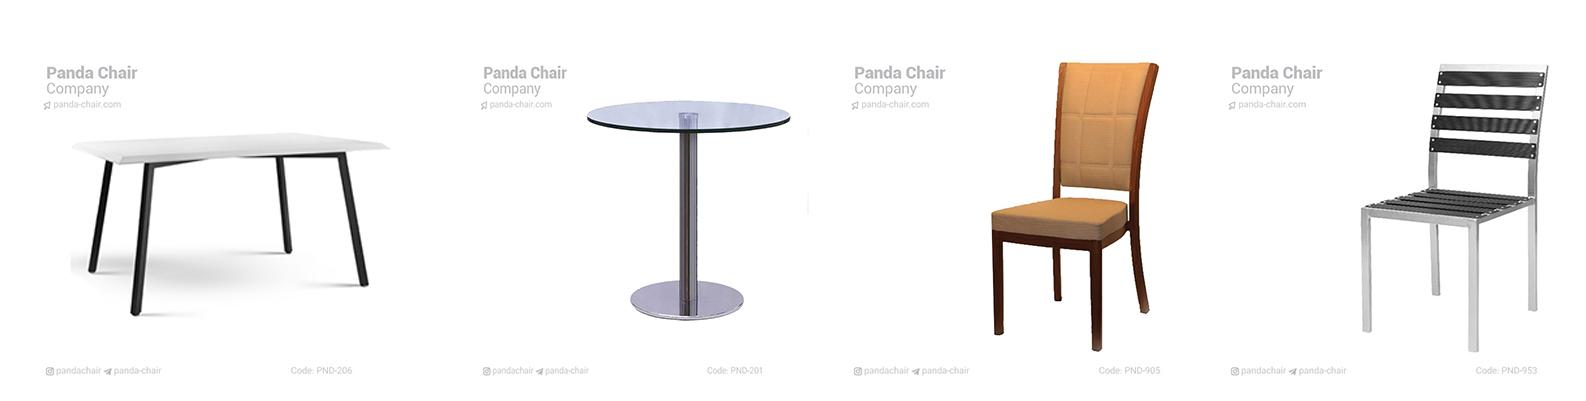 میز-صندلی-و-مبلمان-فلزی-مبلمان-پاندا-1